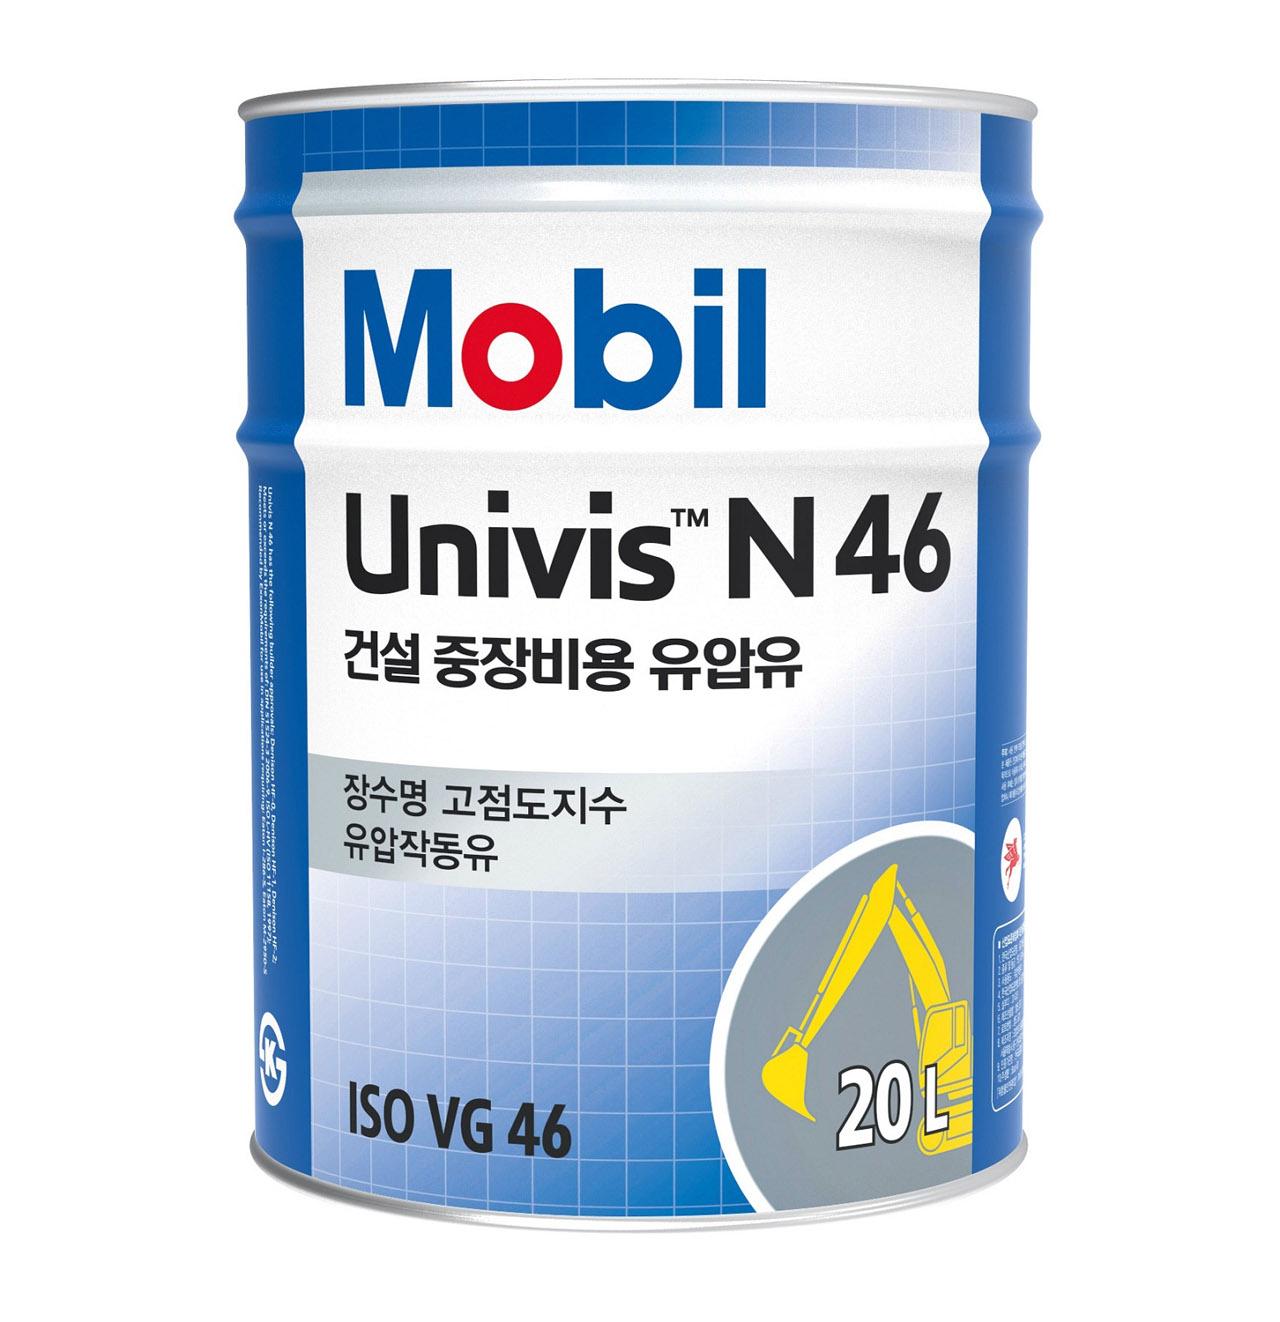 [제품 이미지] 모빌코리아윤활유, 건설 중장비용 프리미엄 유압유 'Mobil Univis N 46' 출시